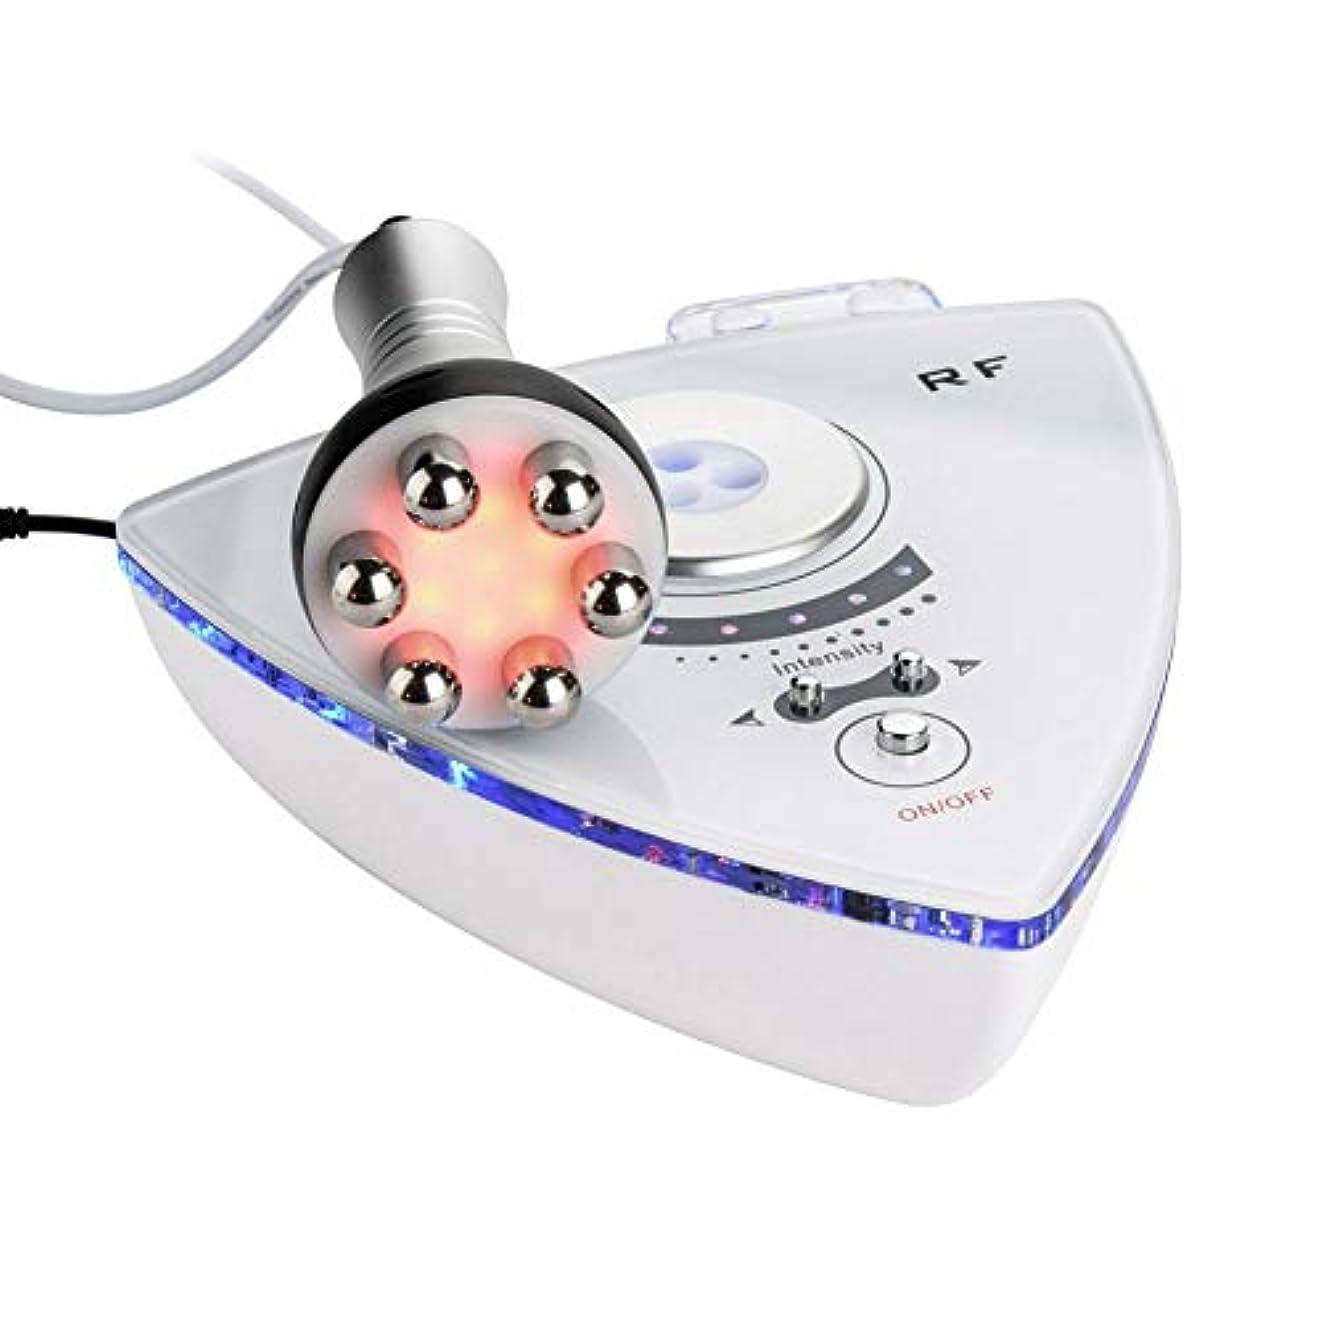 書士理容室純粋にRFの無線周波数の顔の美機械、しわの取り外しの皮の持ち上がる若返りの反老化のスキンケアのための手持ち型の電気美装置(私たち)